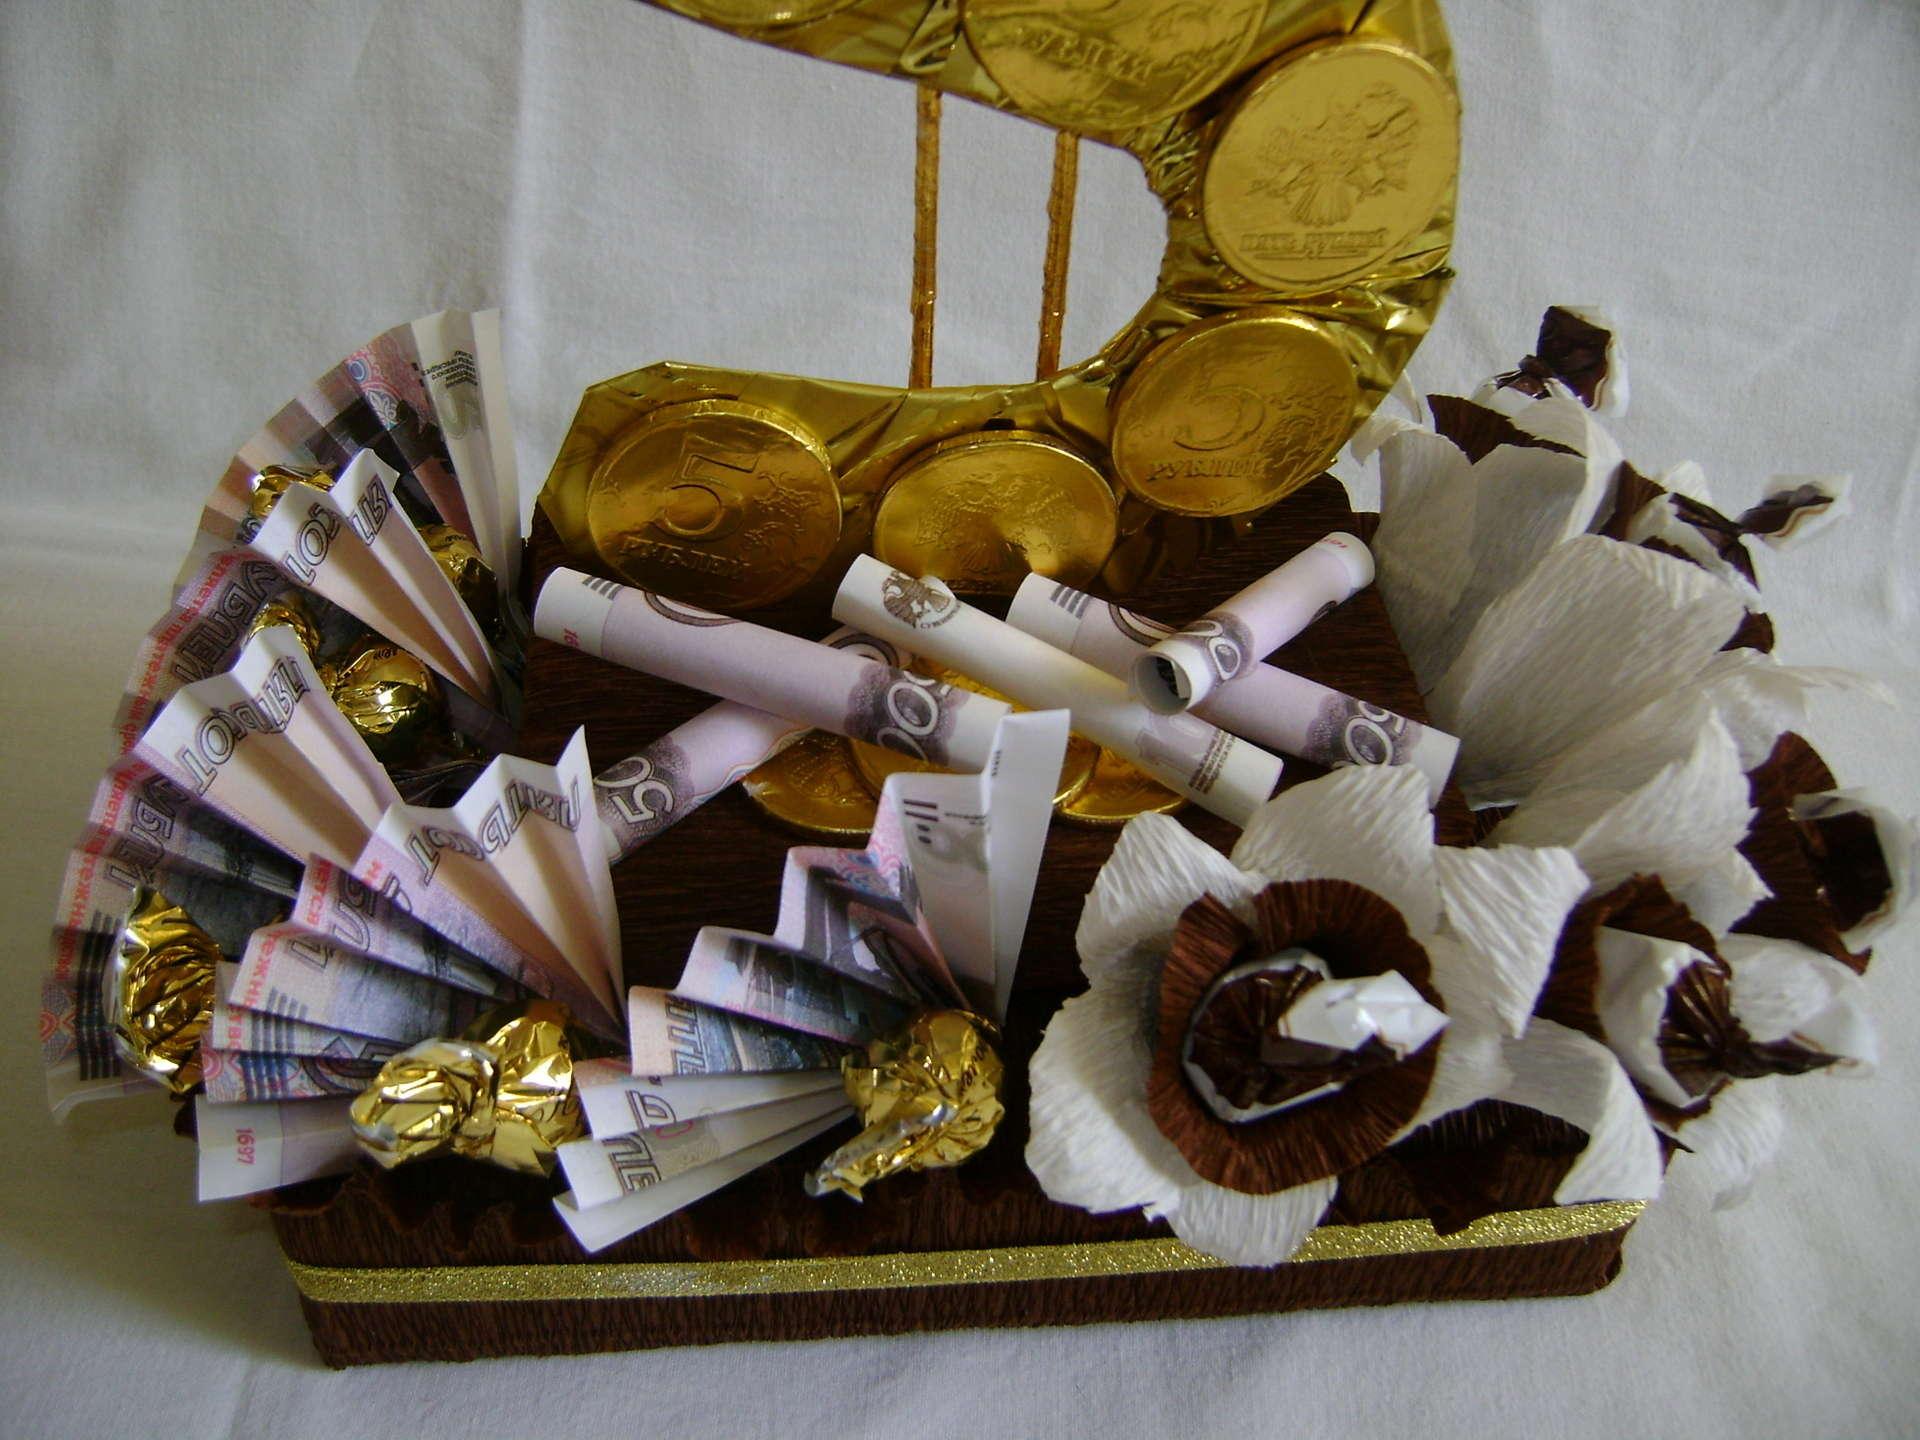 Подарки из конфет для мужчины на день рождения